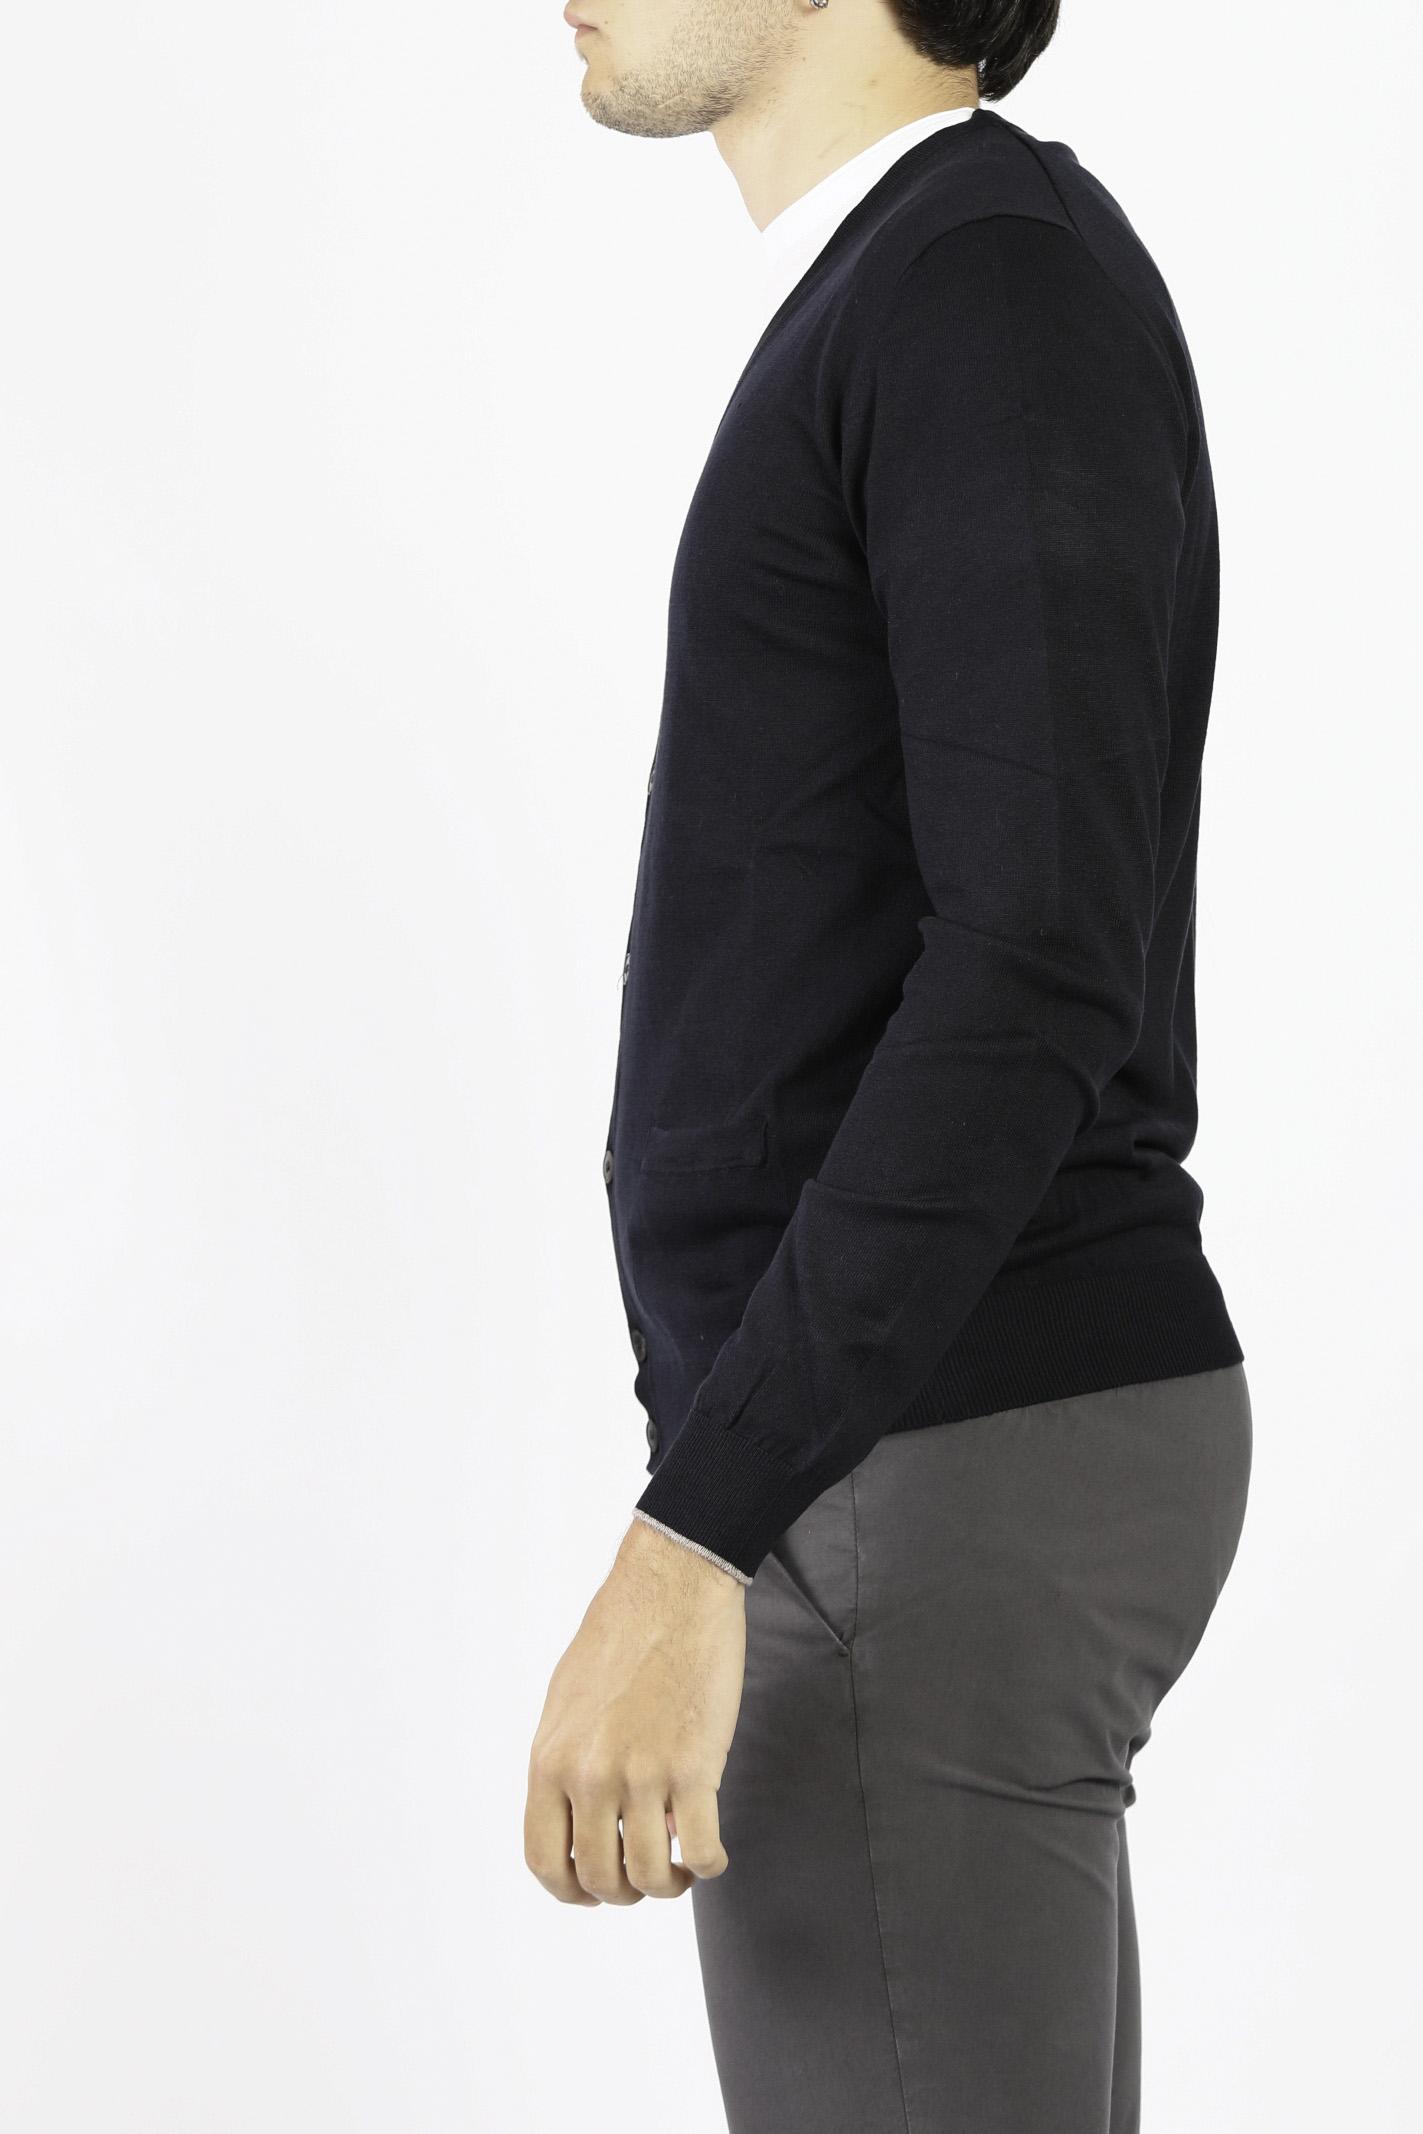 COTTON KNIT CARDIGAN JEORDIE'S | Knitwear | 60519402